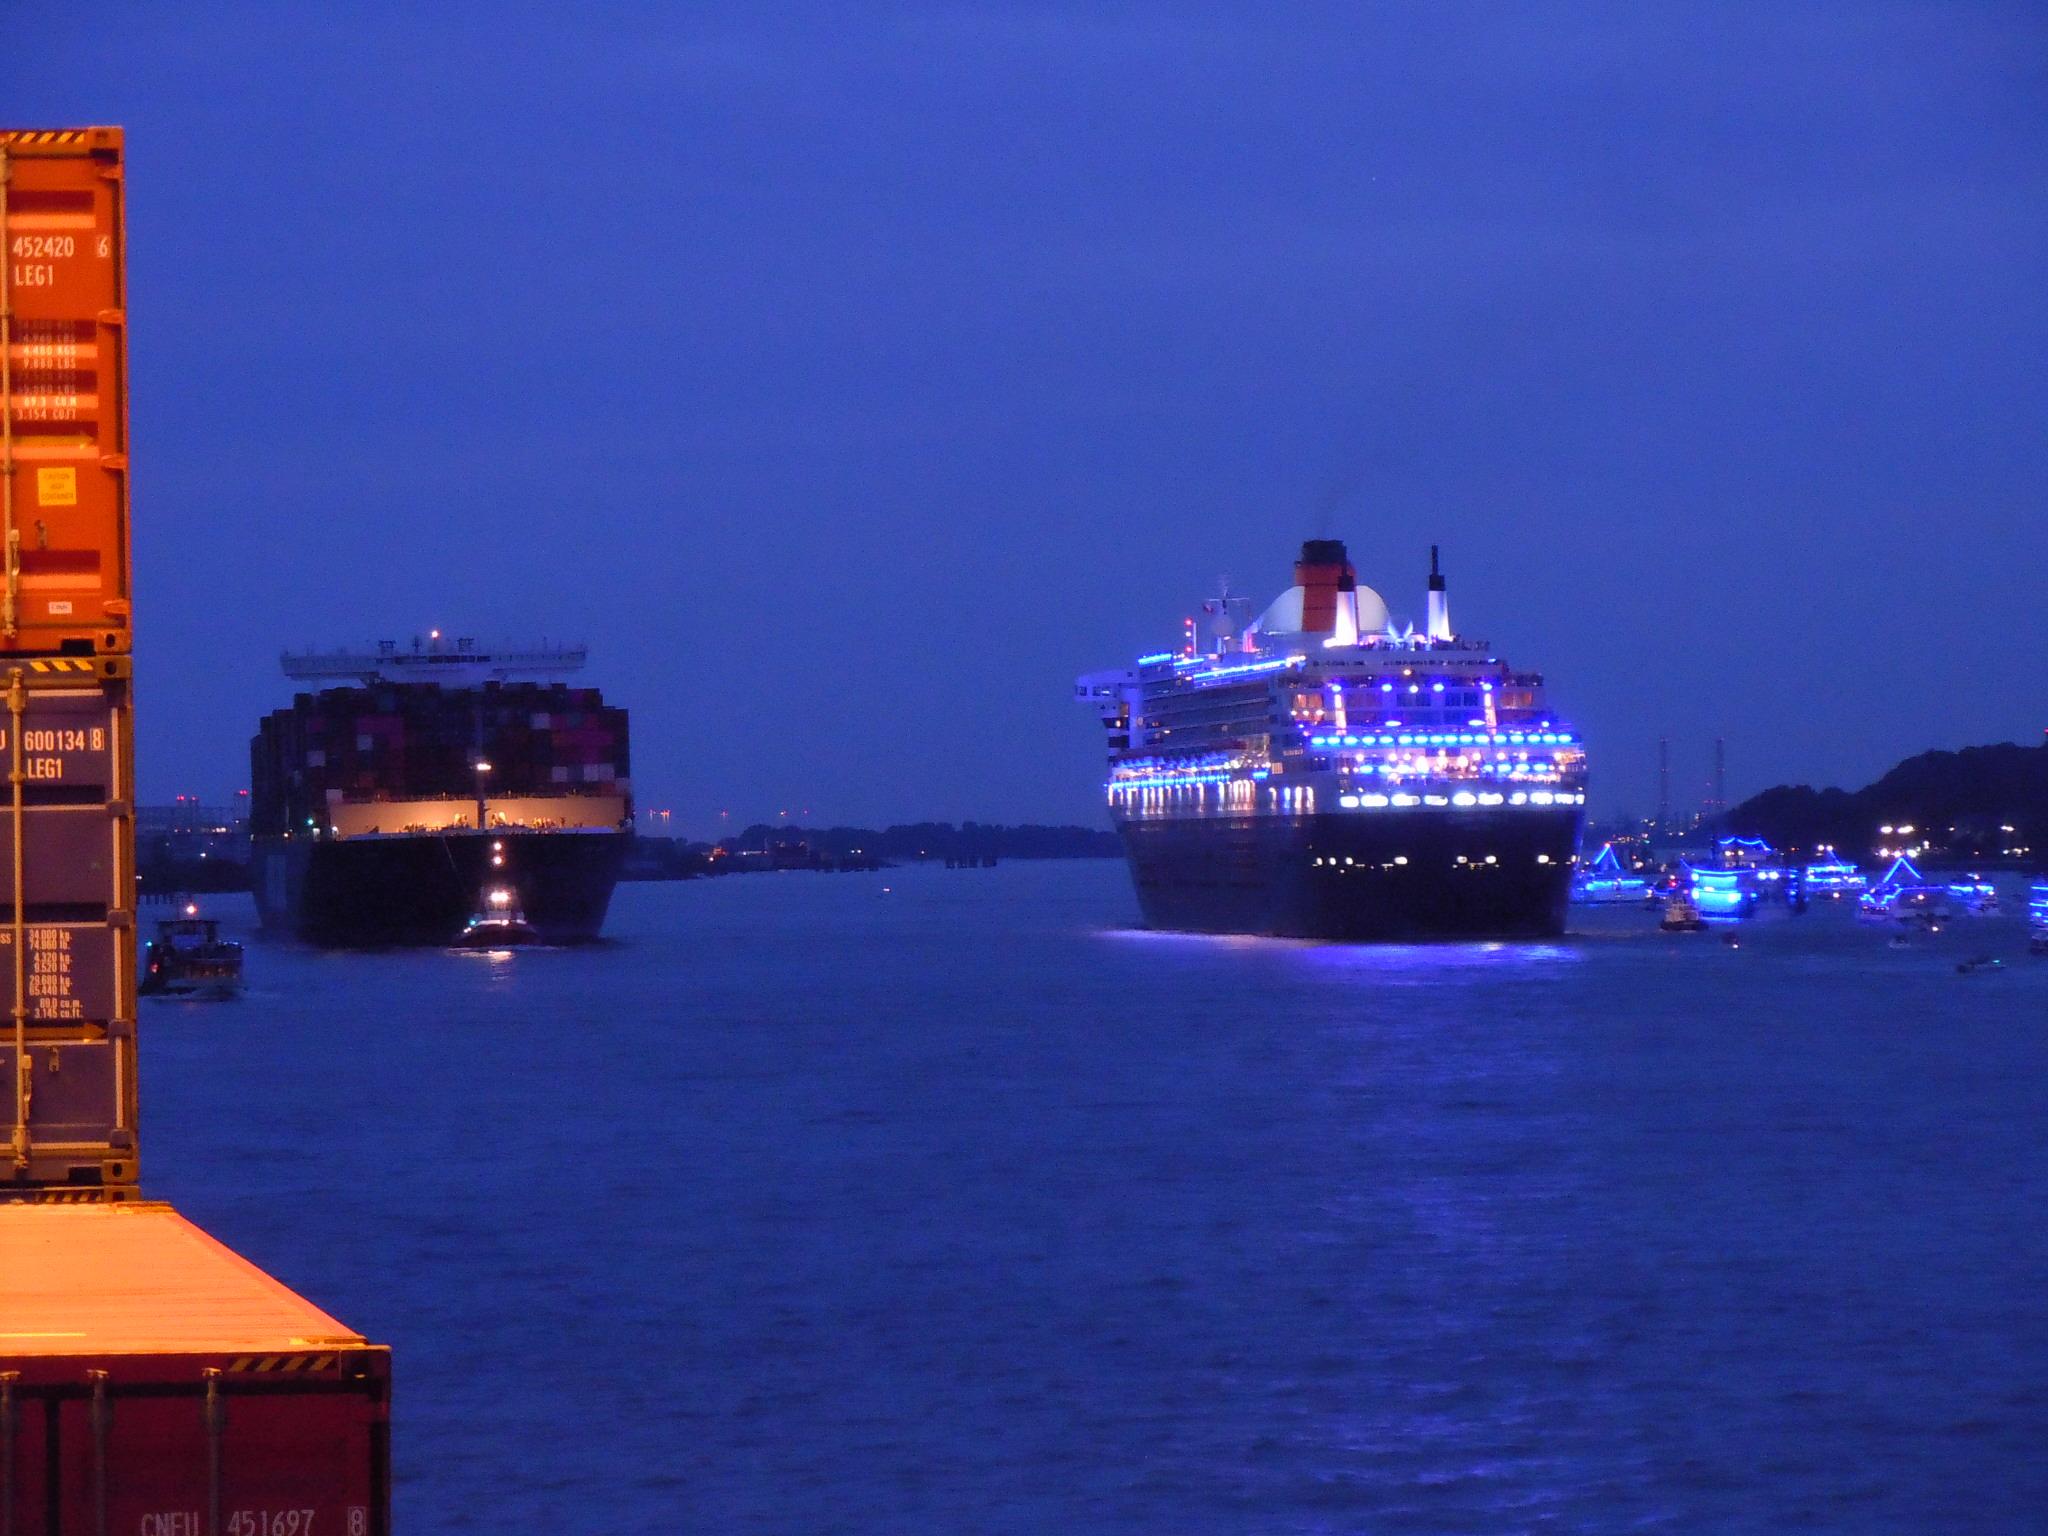 Letzte Abendstimmung an Bord